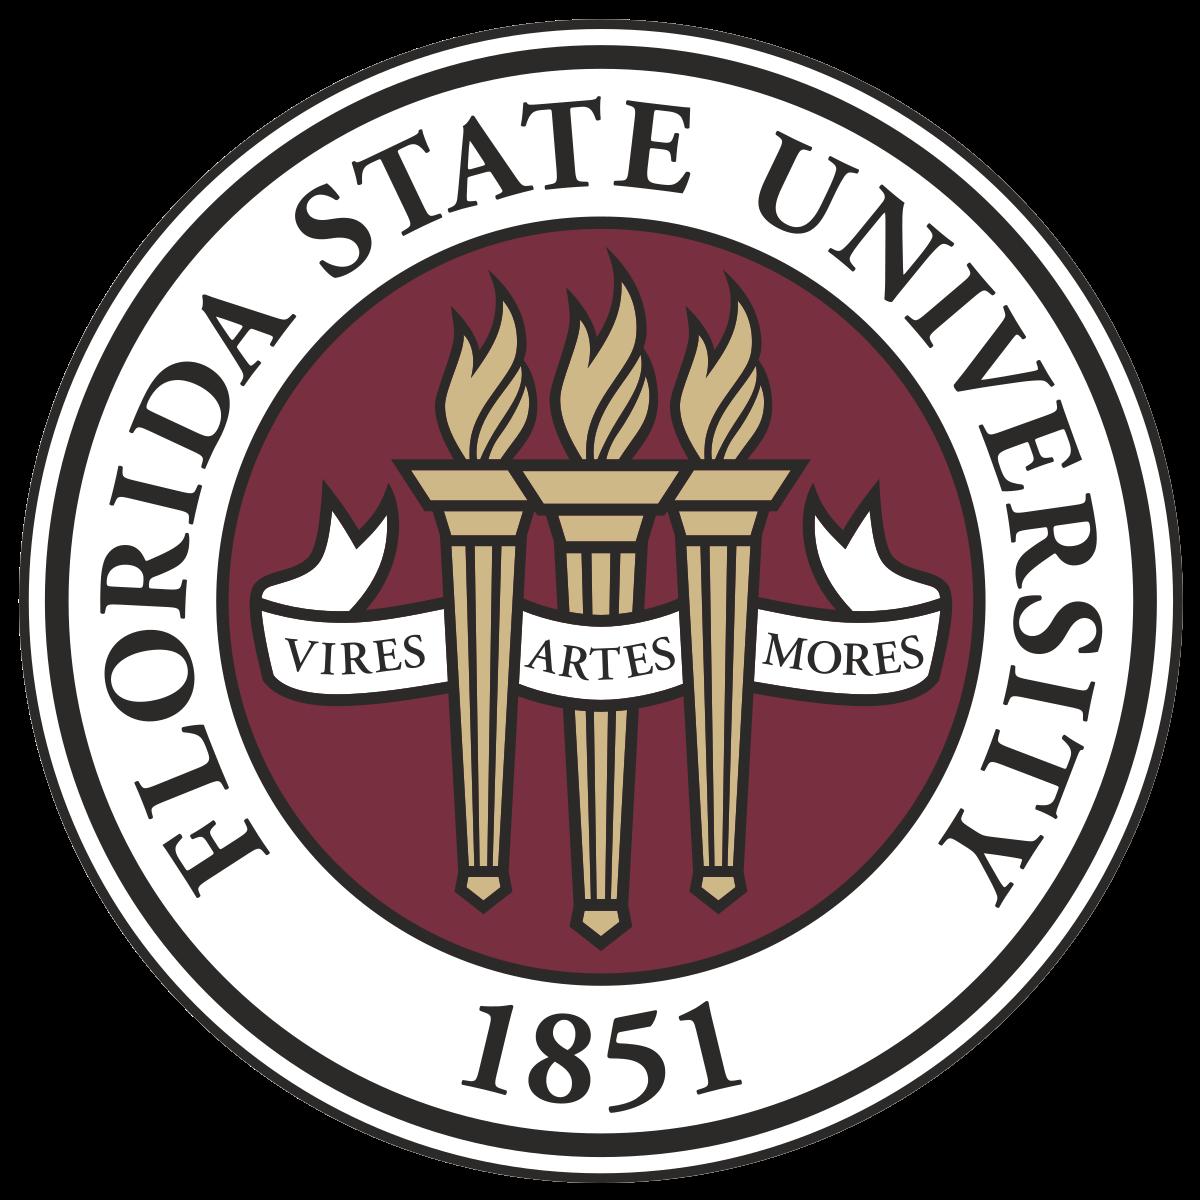 Florida clipart fsu, Florida fsu Transparent FREE for.